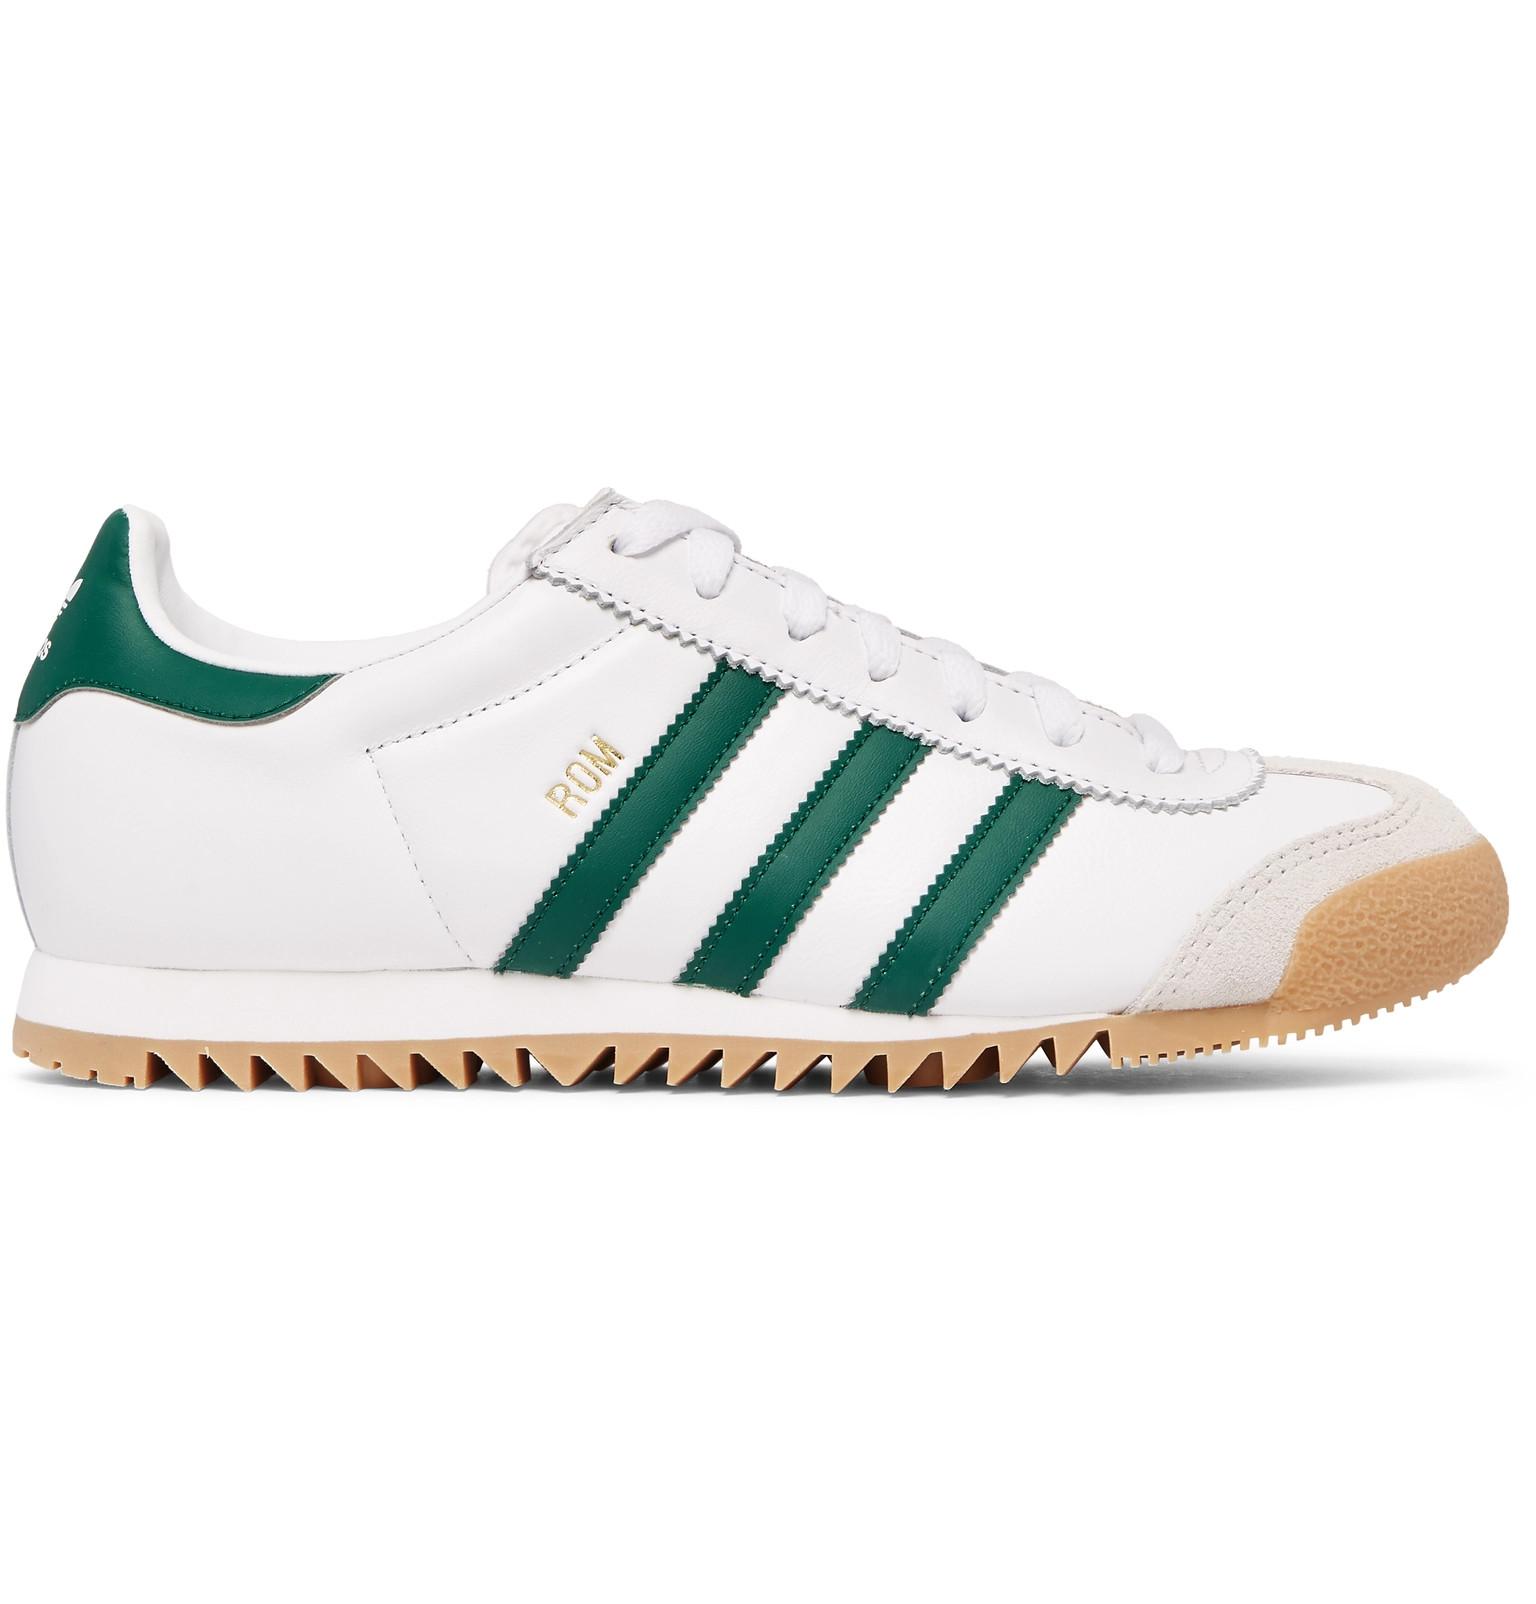 Suchergebnis auf für: Adidas Jeans Schuhe